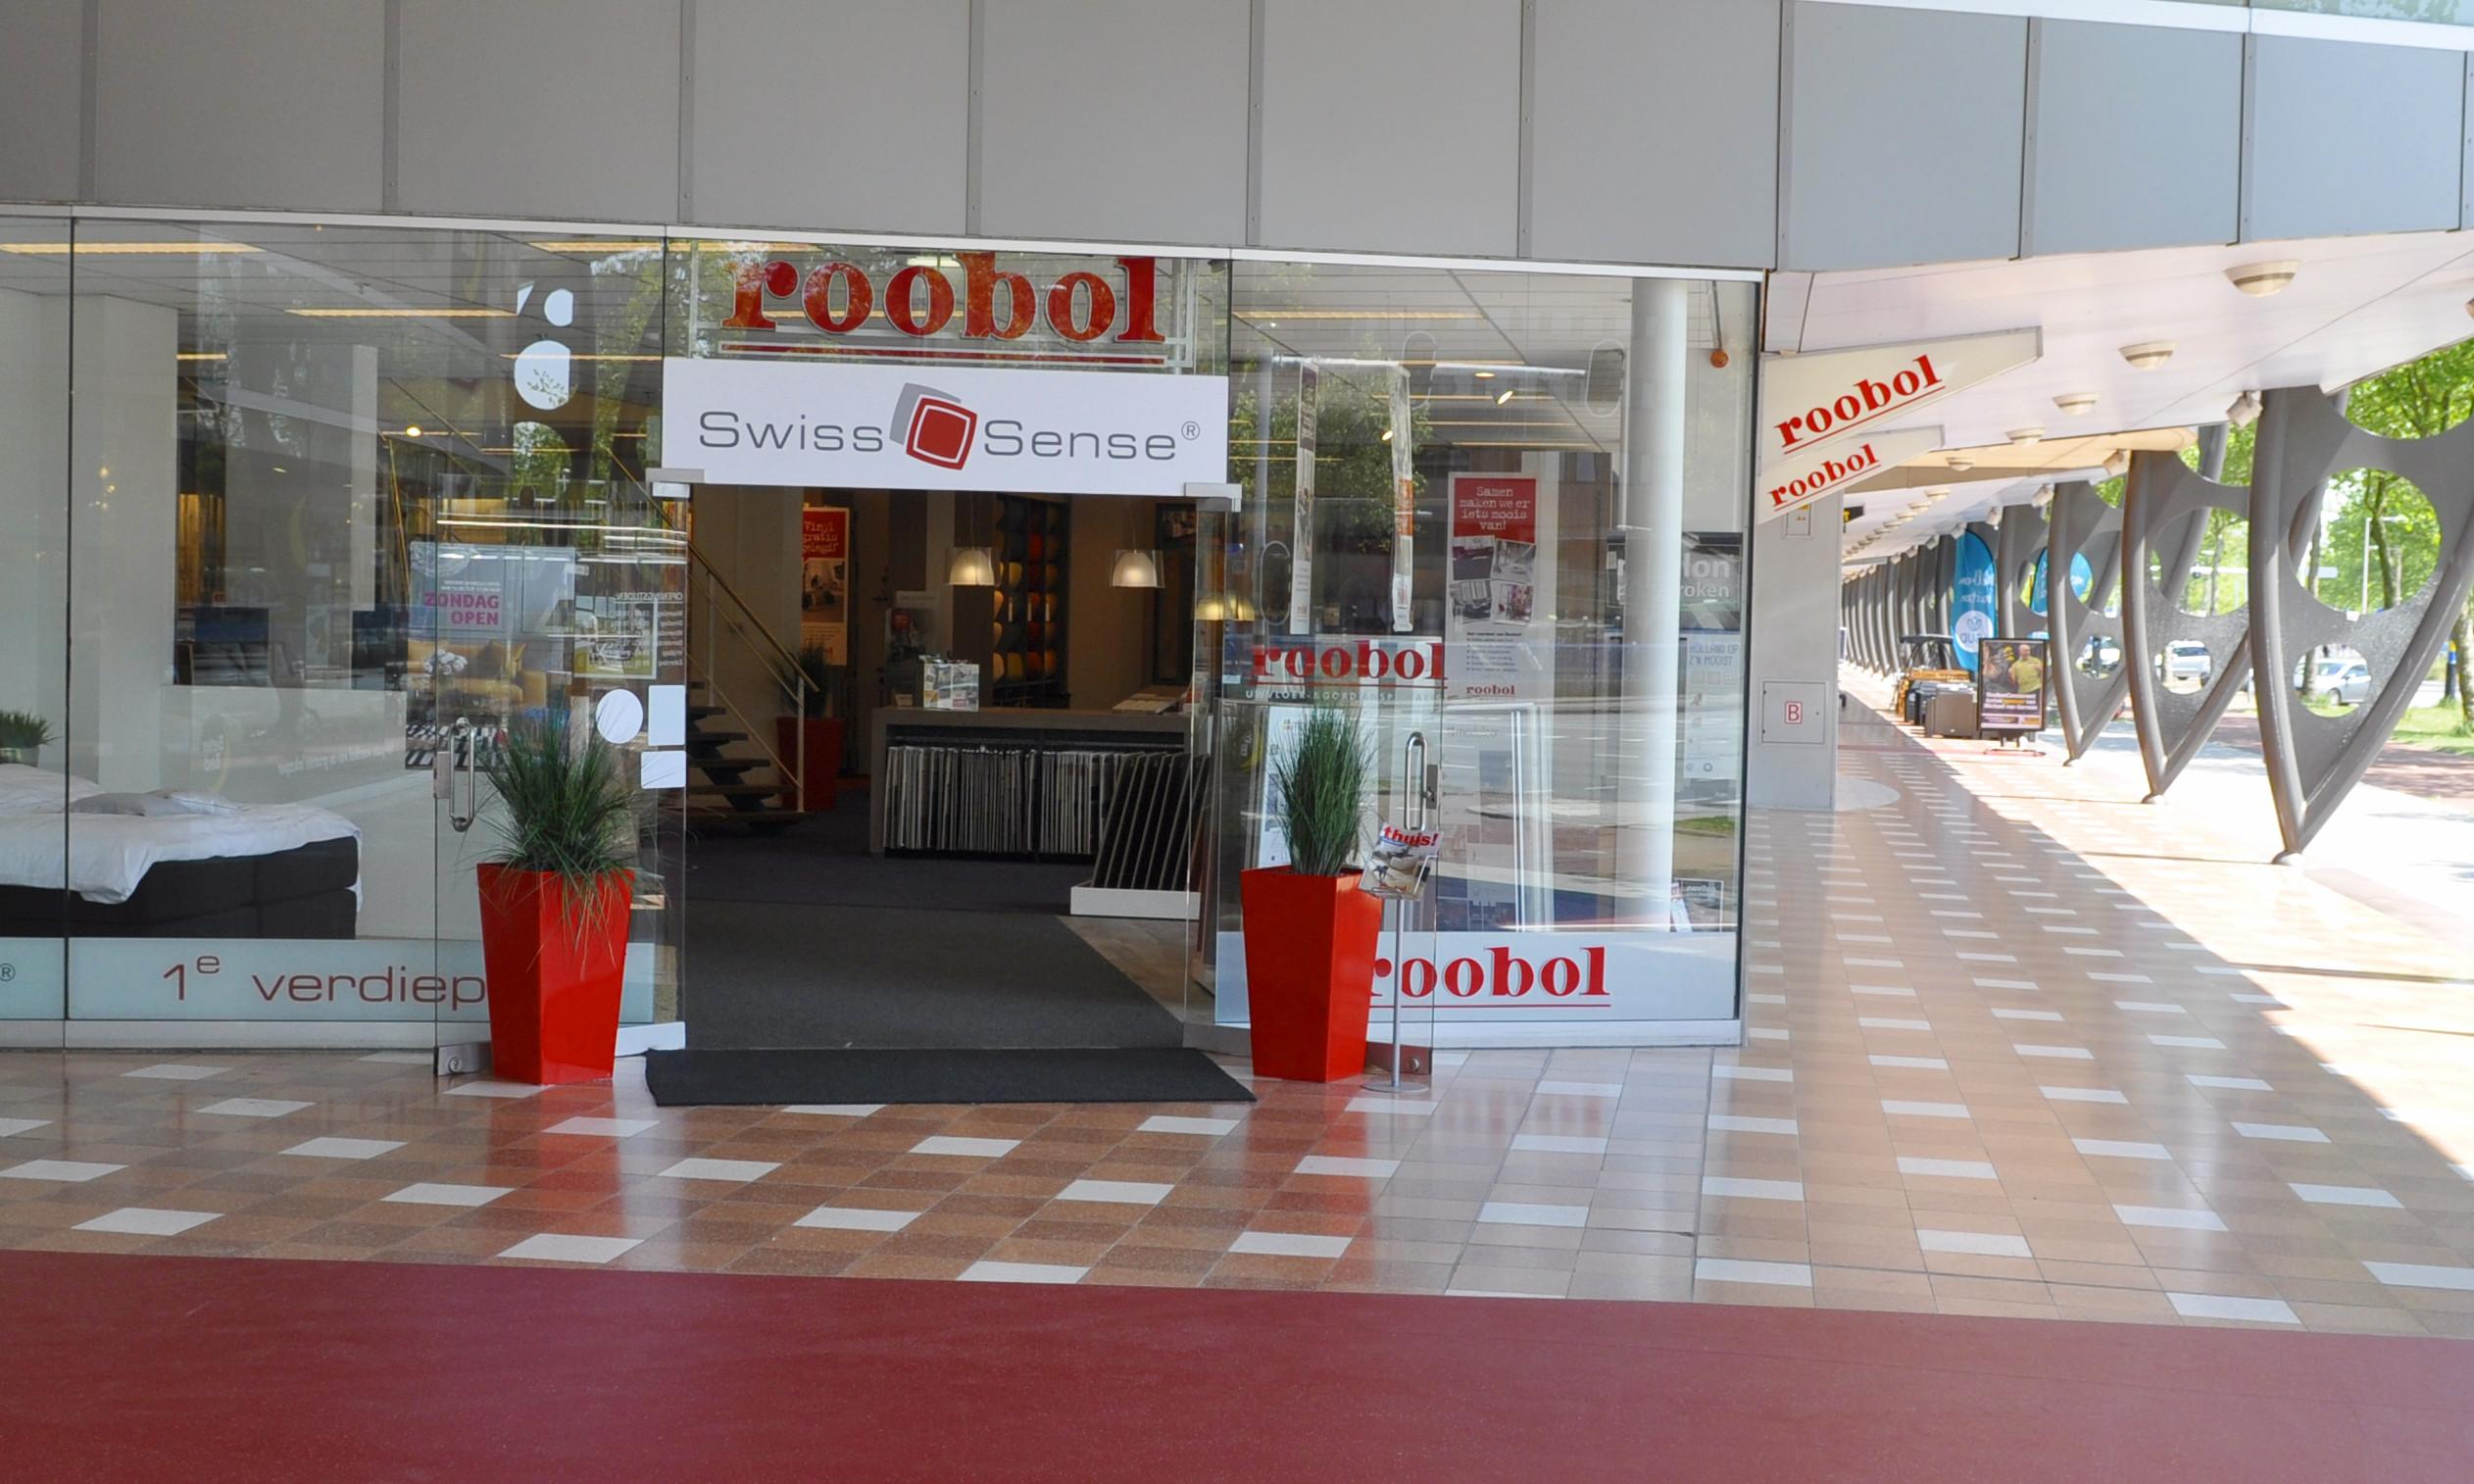 Roobol